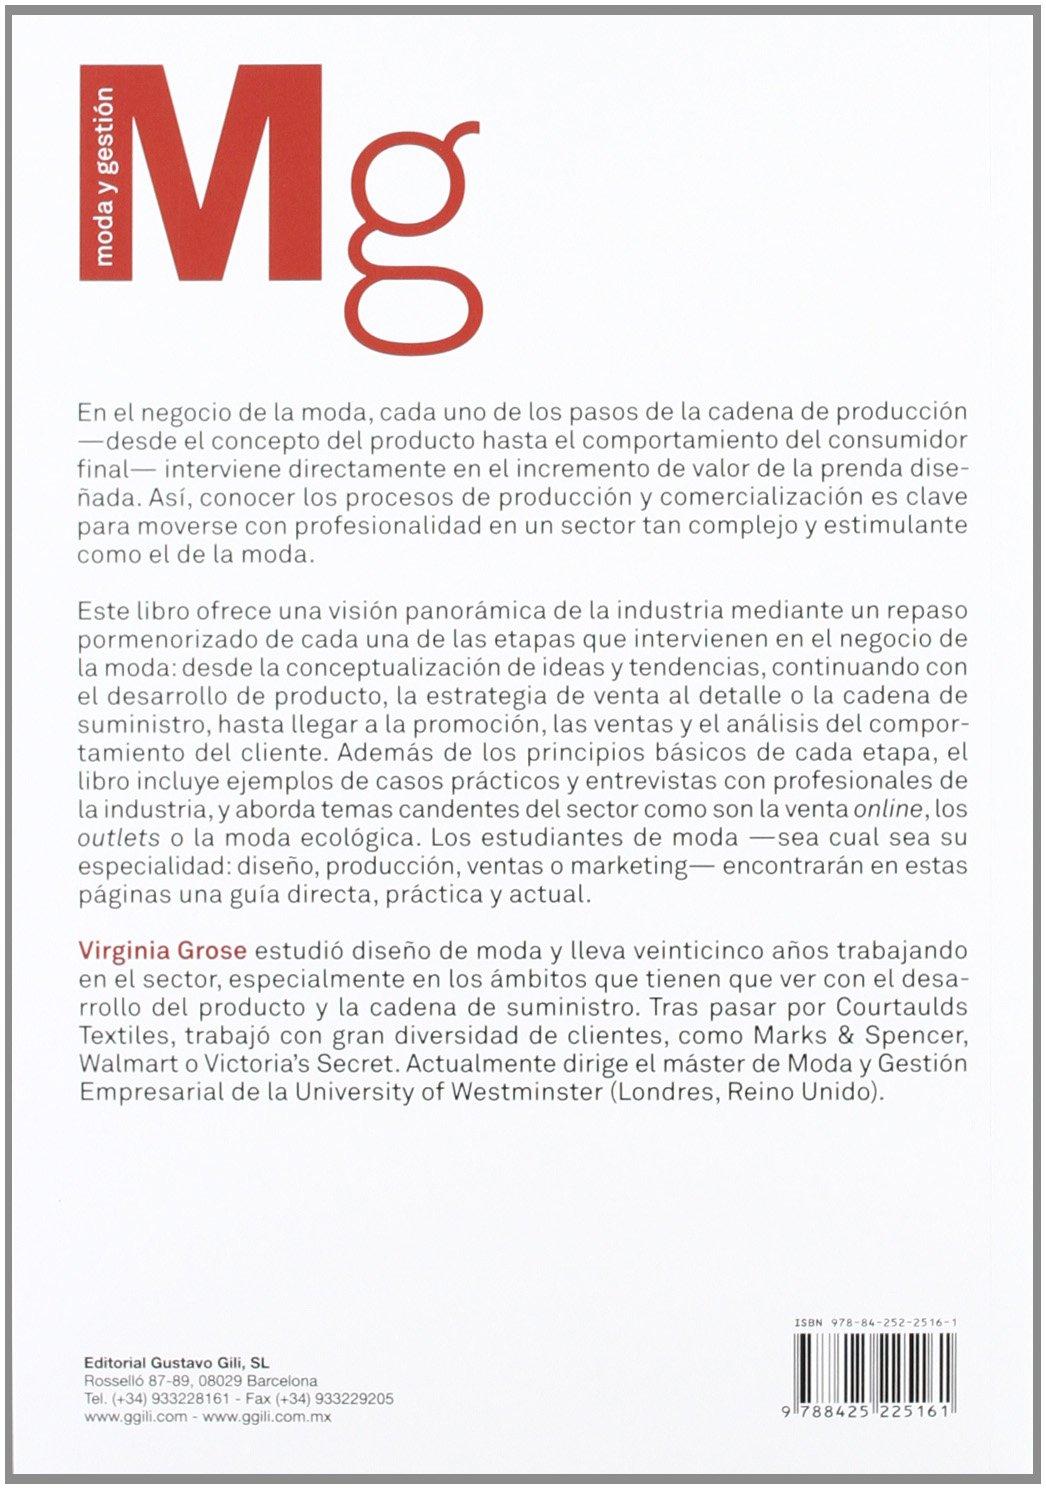 Merchandising de moda (Moda y gestión): Amazon.es: Virginia Grose, Cristina Zelich: Libros